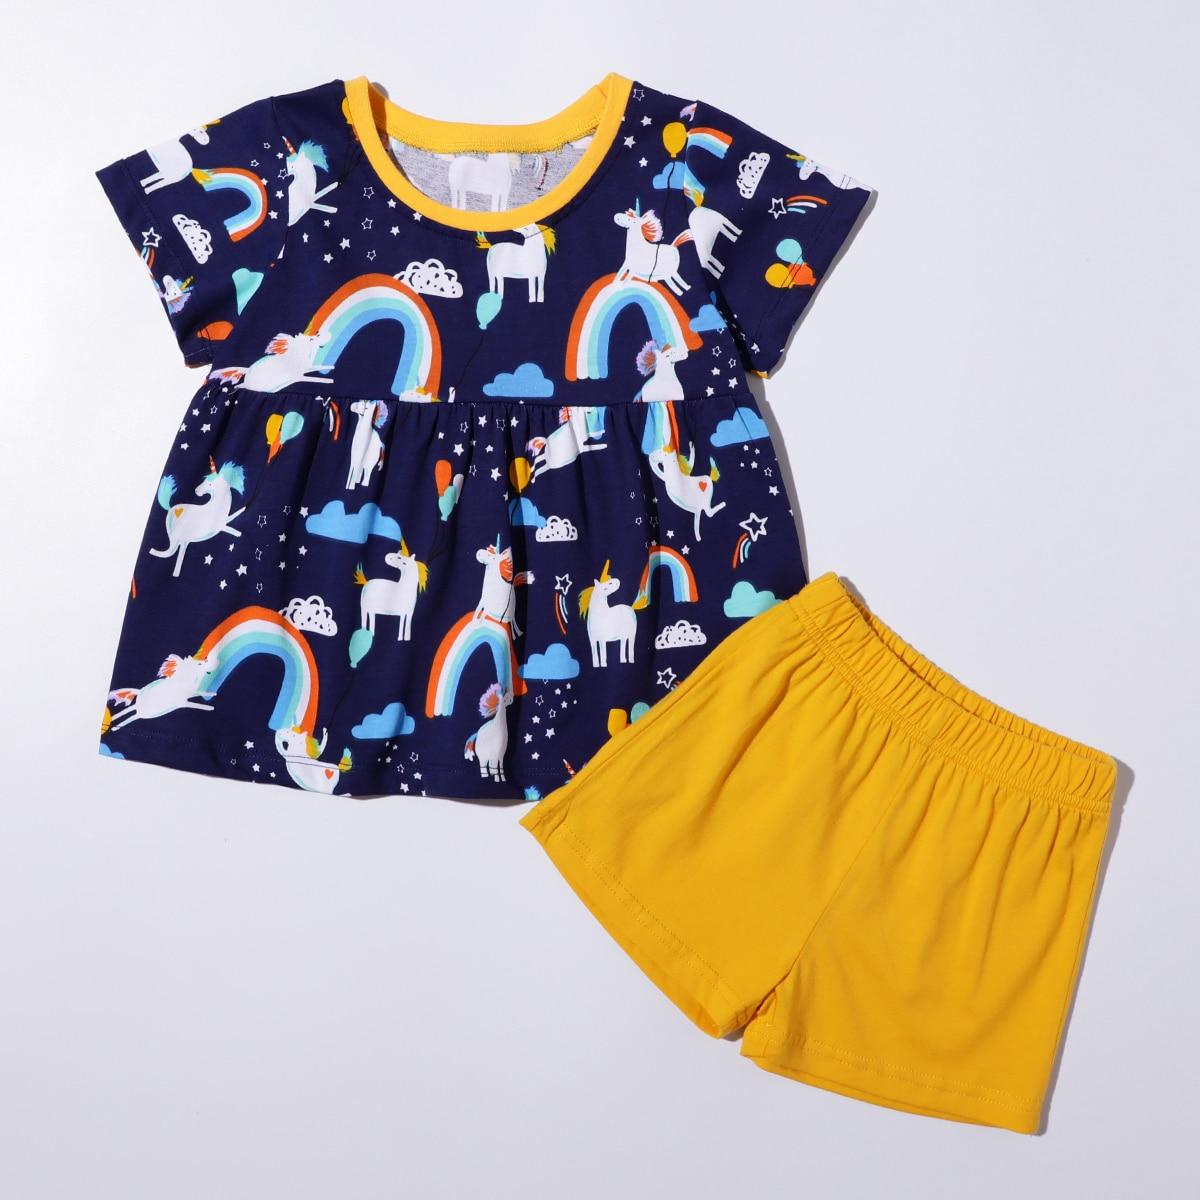 многоцветный Низ-оборка Мультяшный принт милый Домашняя одежда для девочек от SHEIN